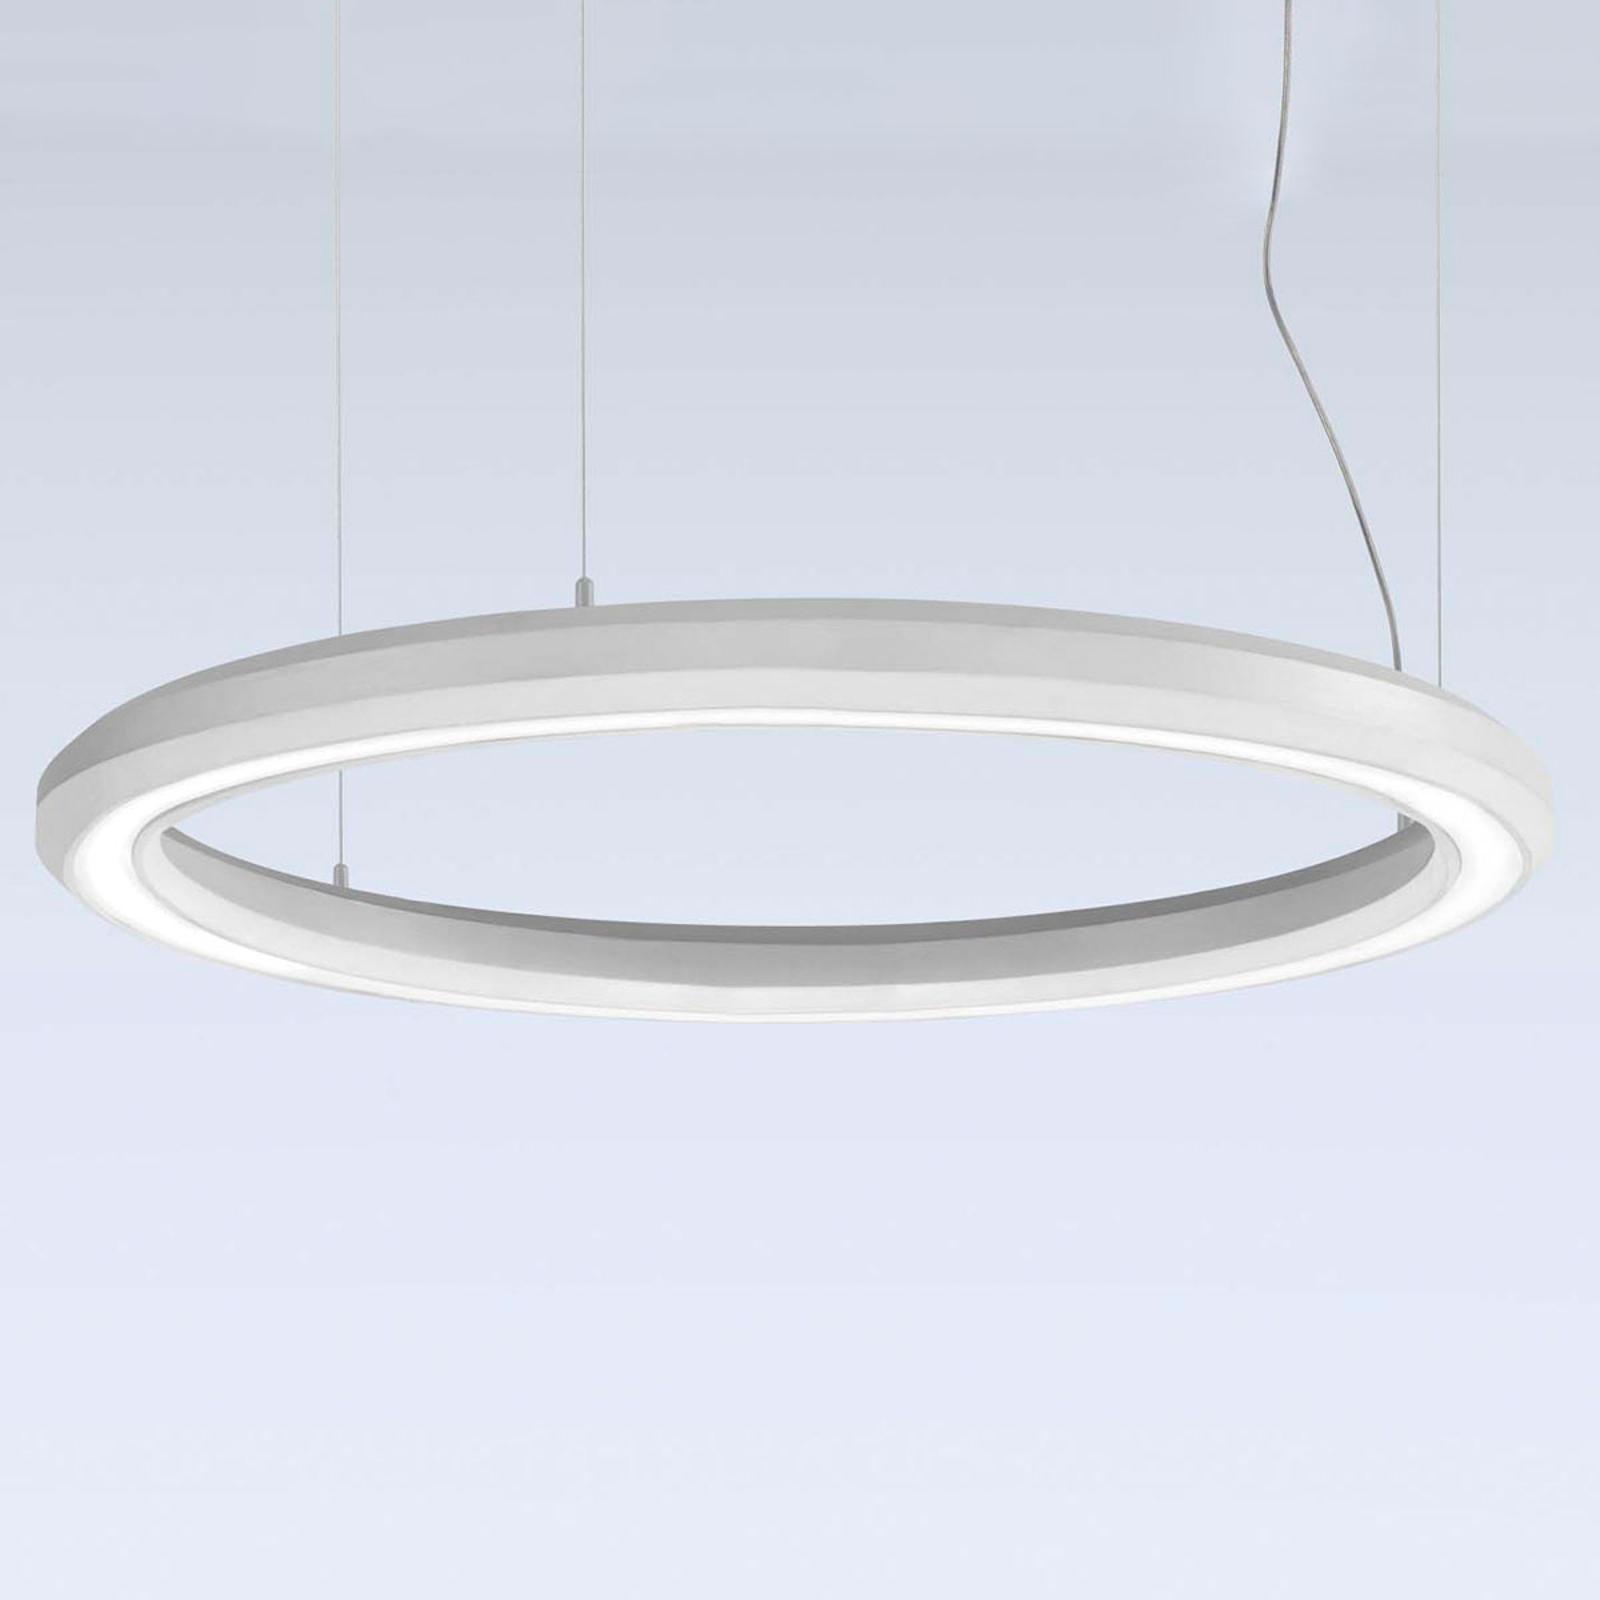 LED-Hängeleuchte Materica unten Ø 90 cm weiß